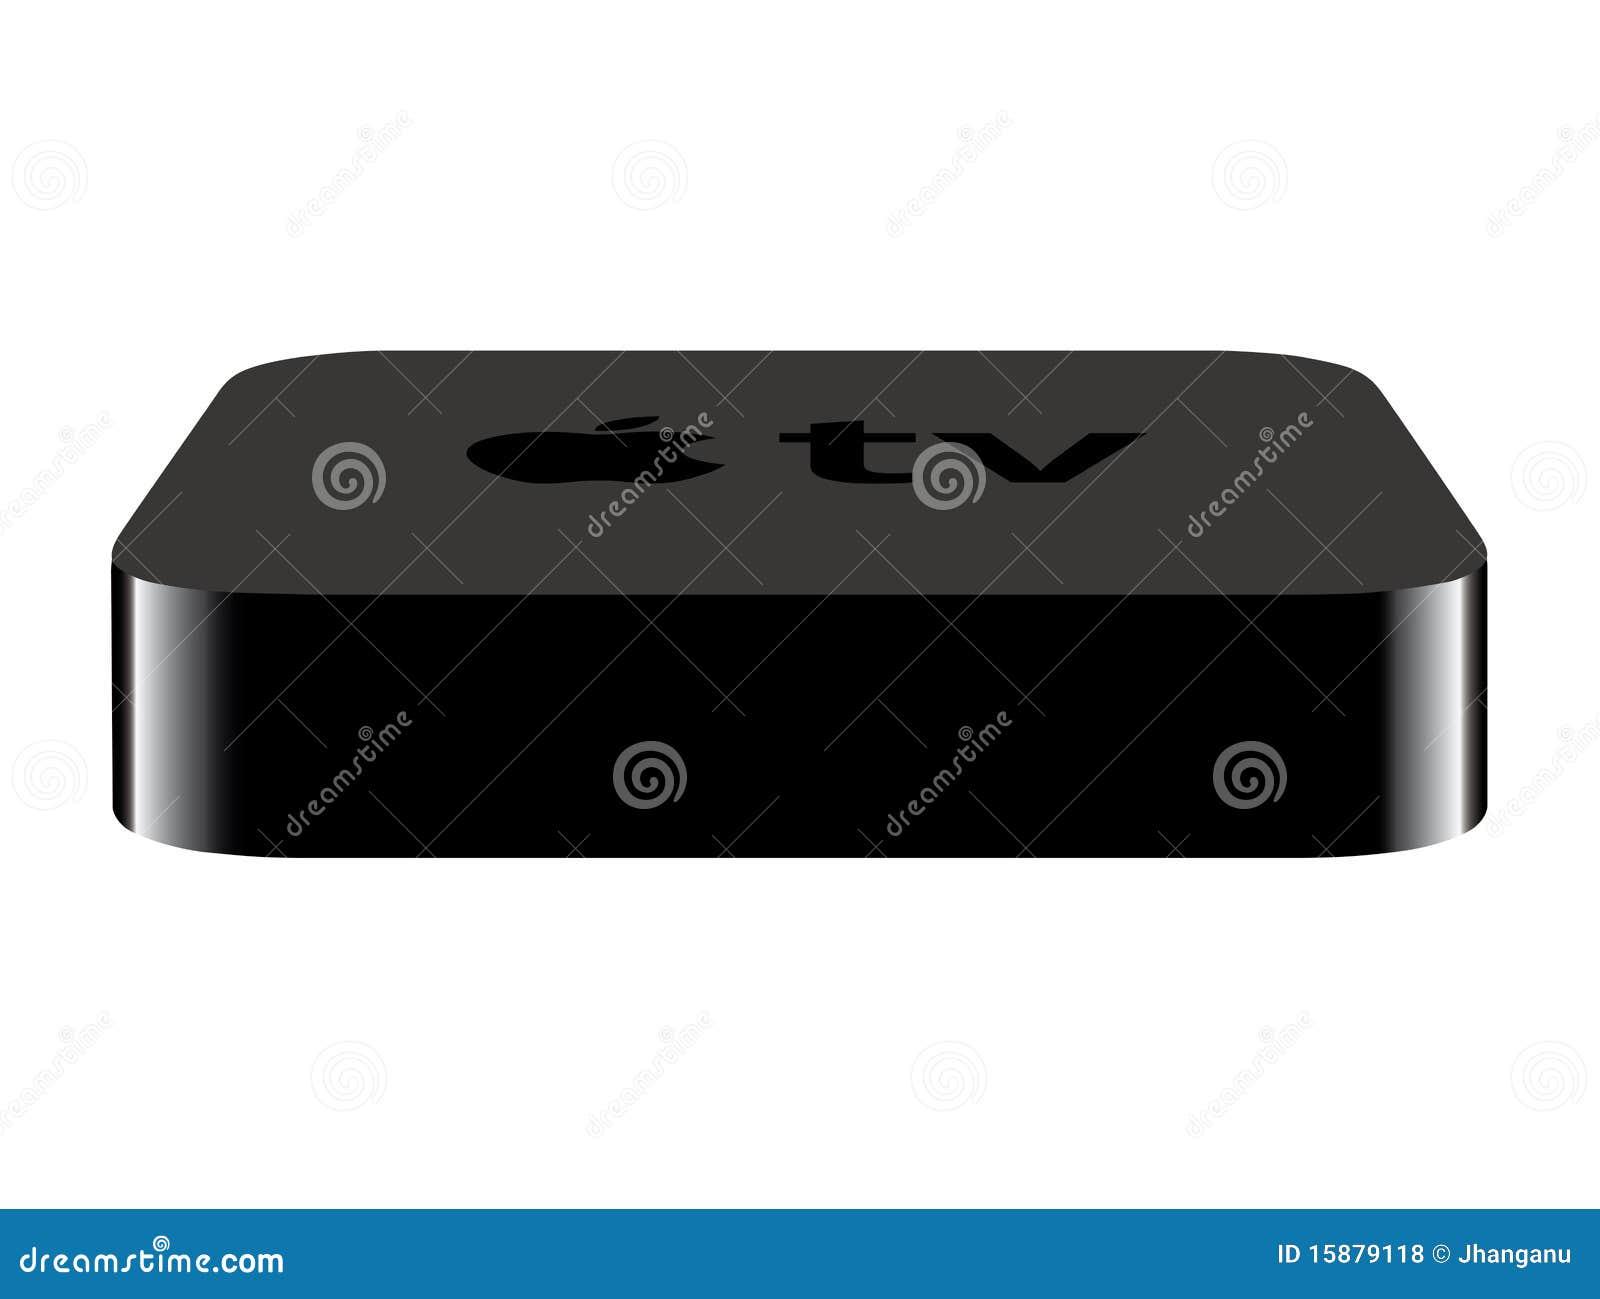 яблоко новый tv